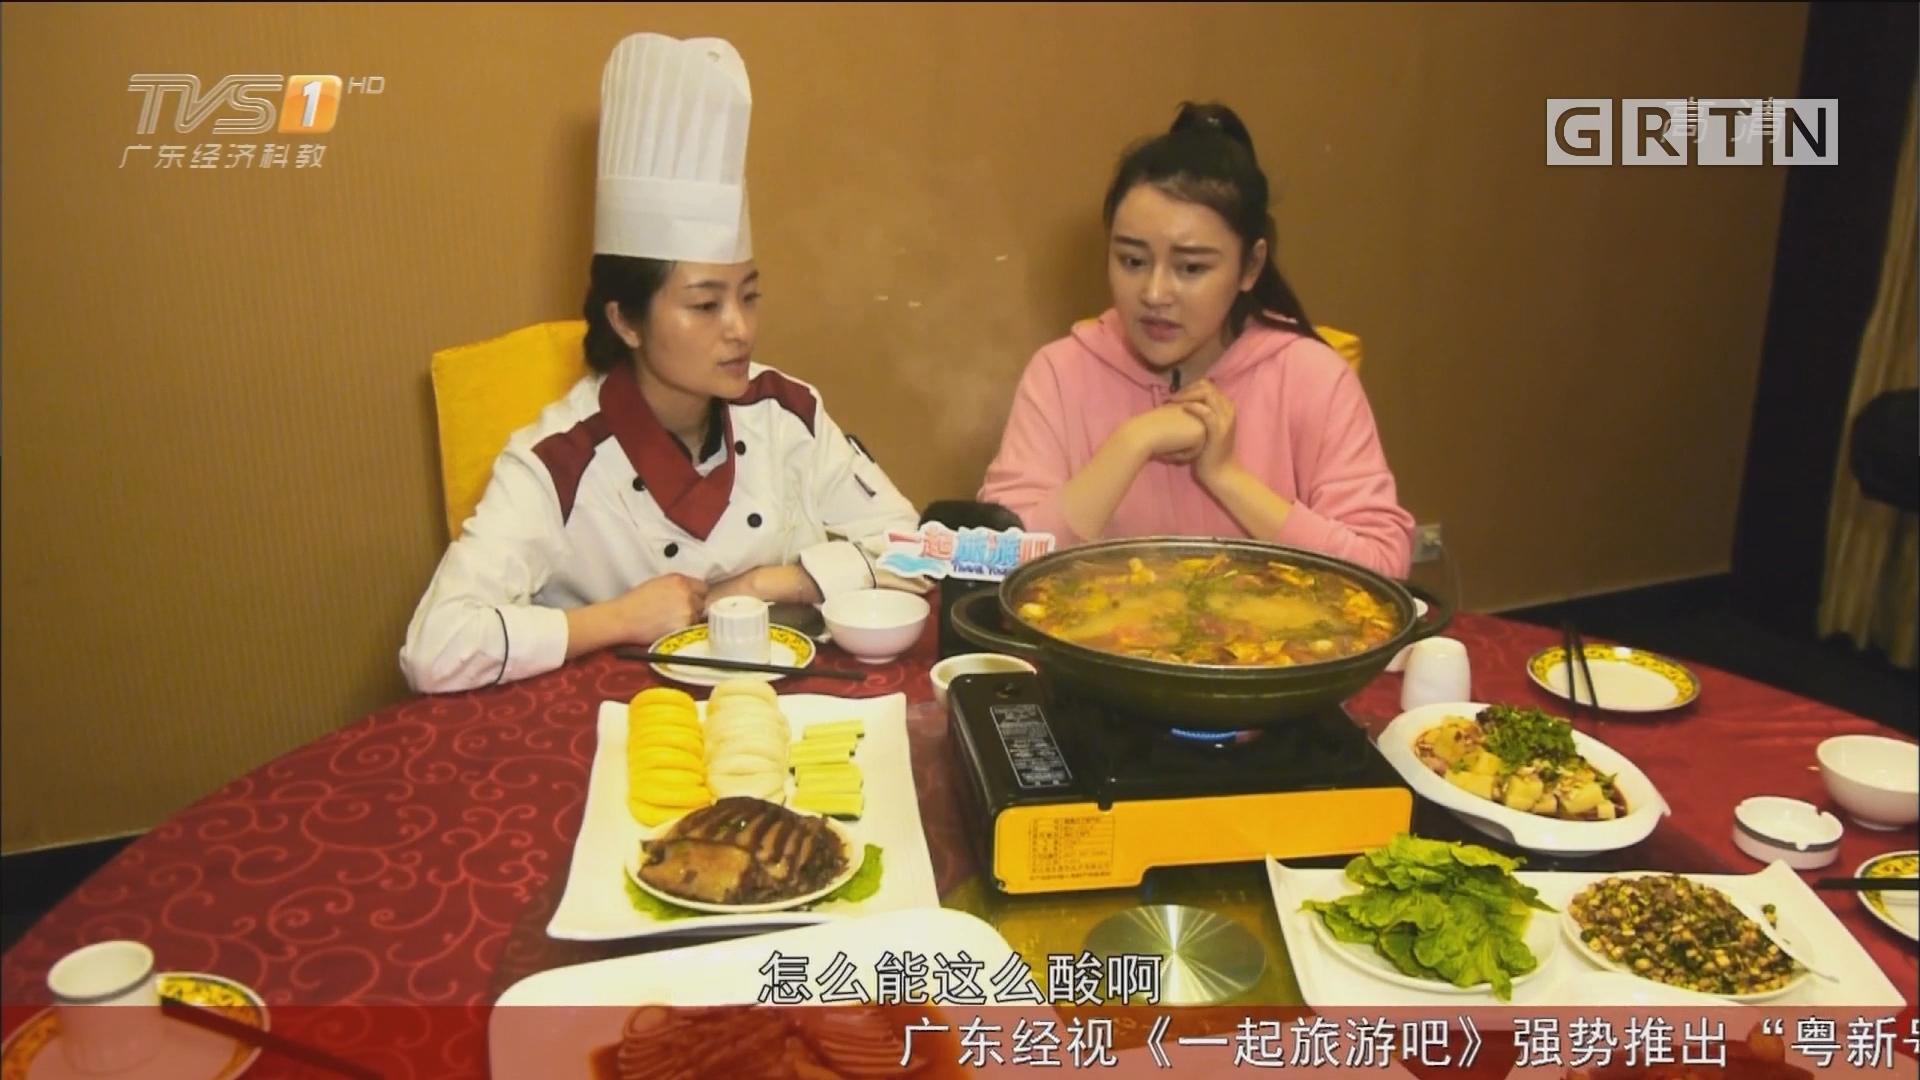 贵州 镇远美食